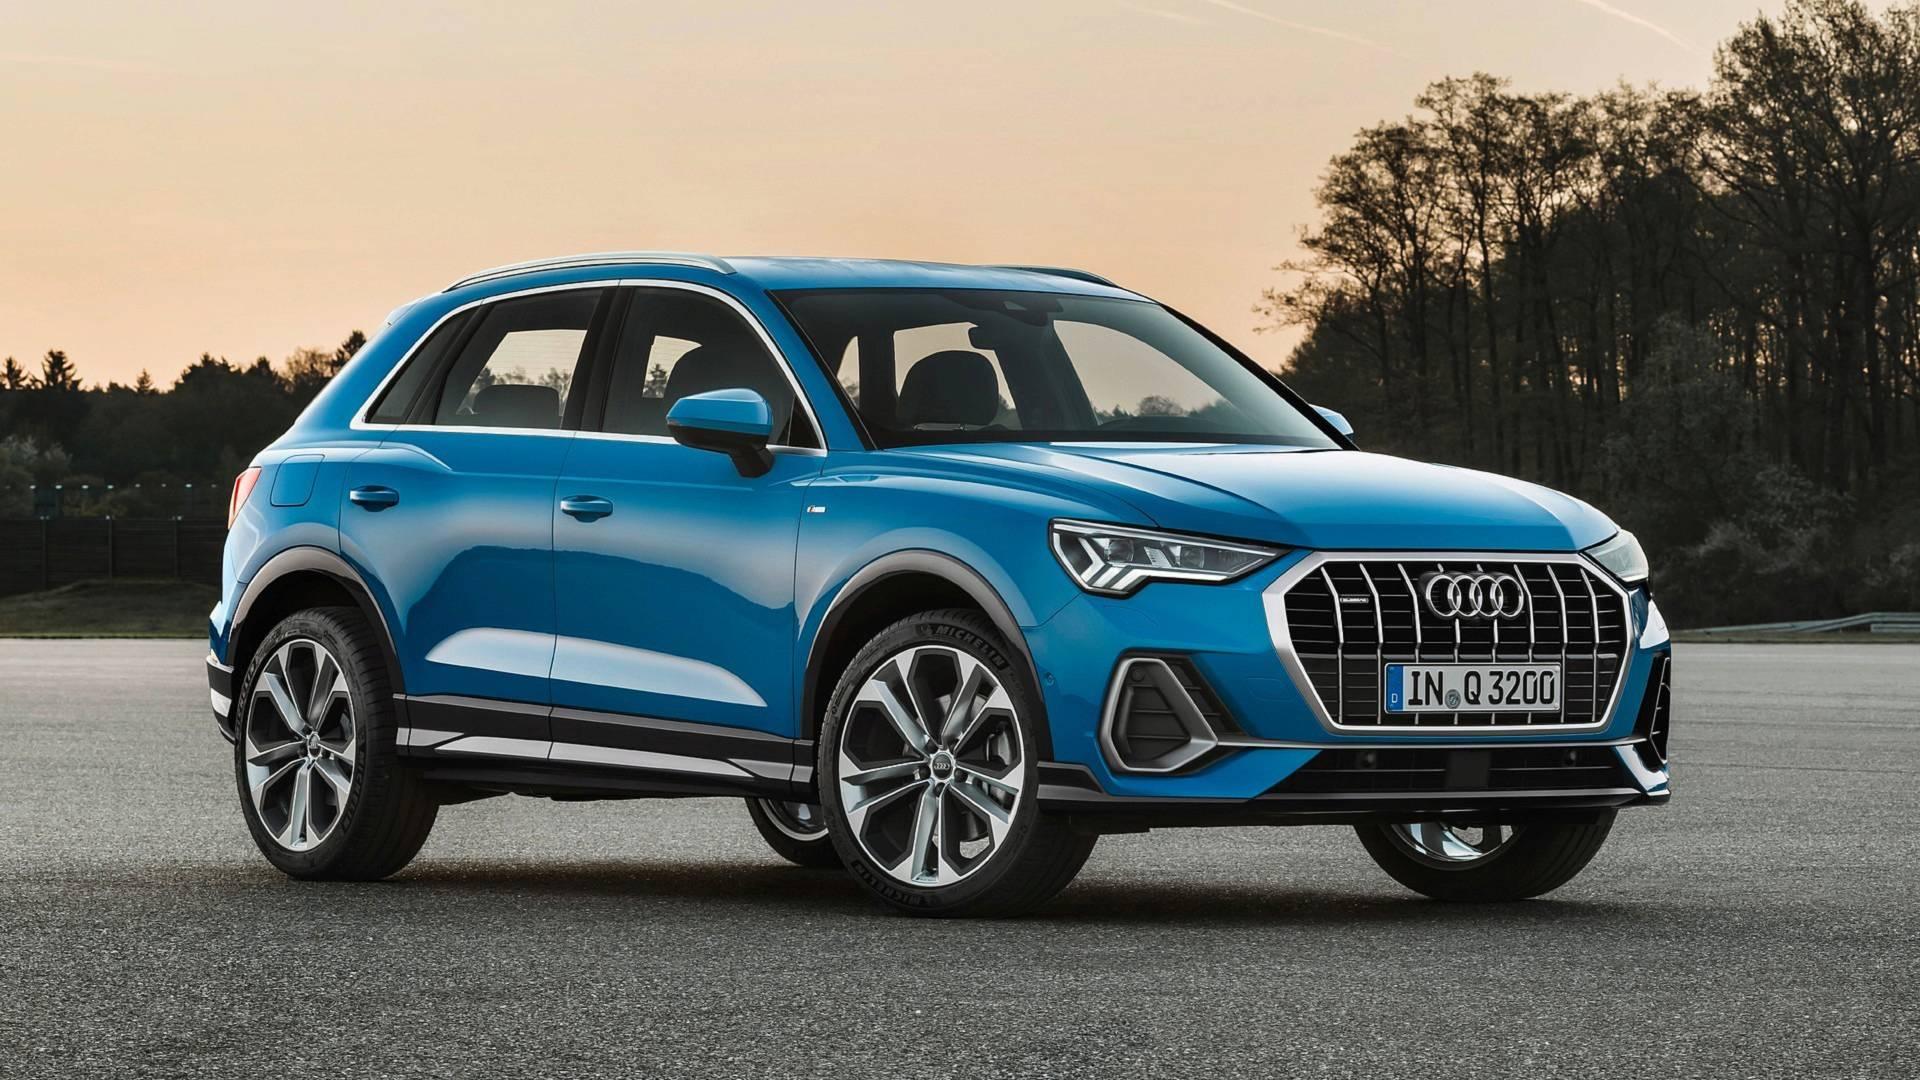 Kekurangan Audi G3 Perbandingan Harga